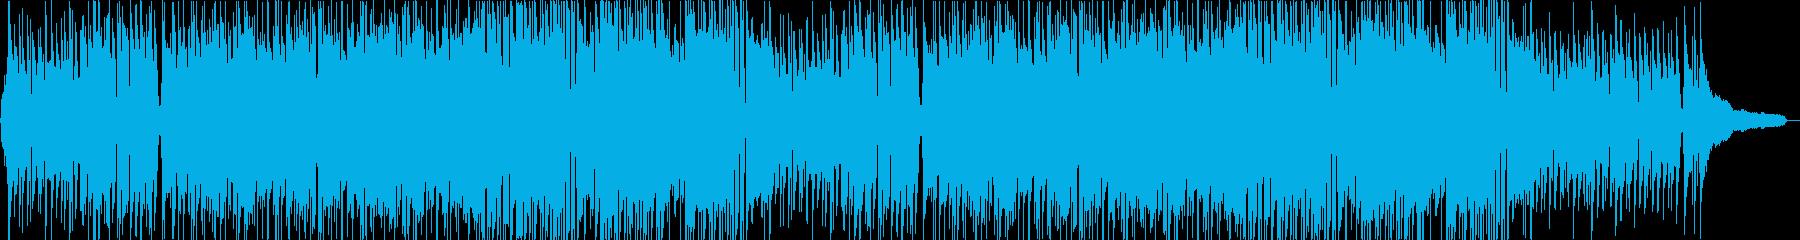 明るくポップでかわいい感じの曲の再生済みの波形